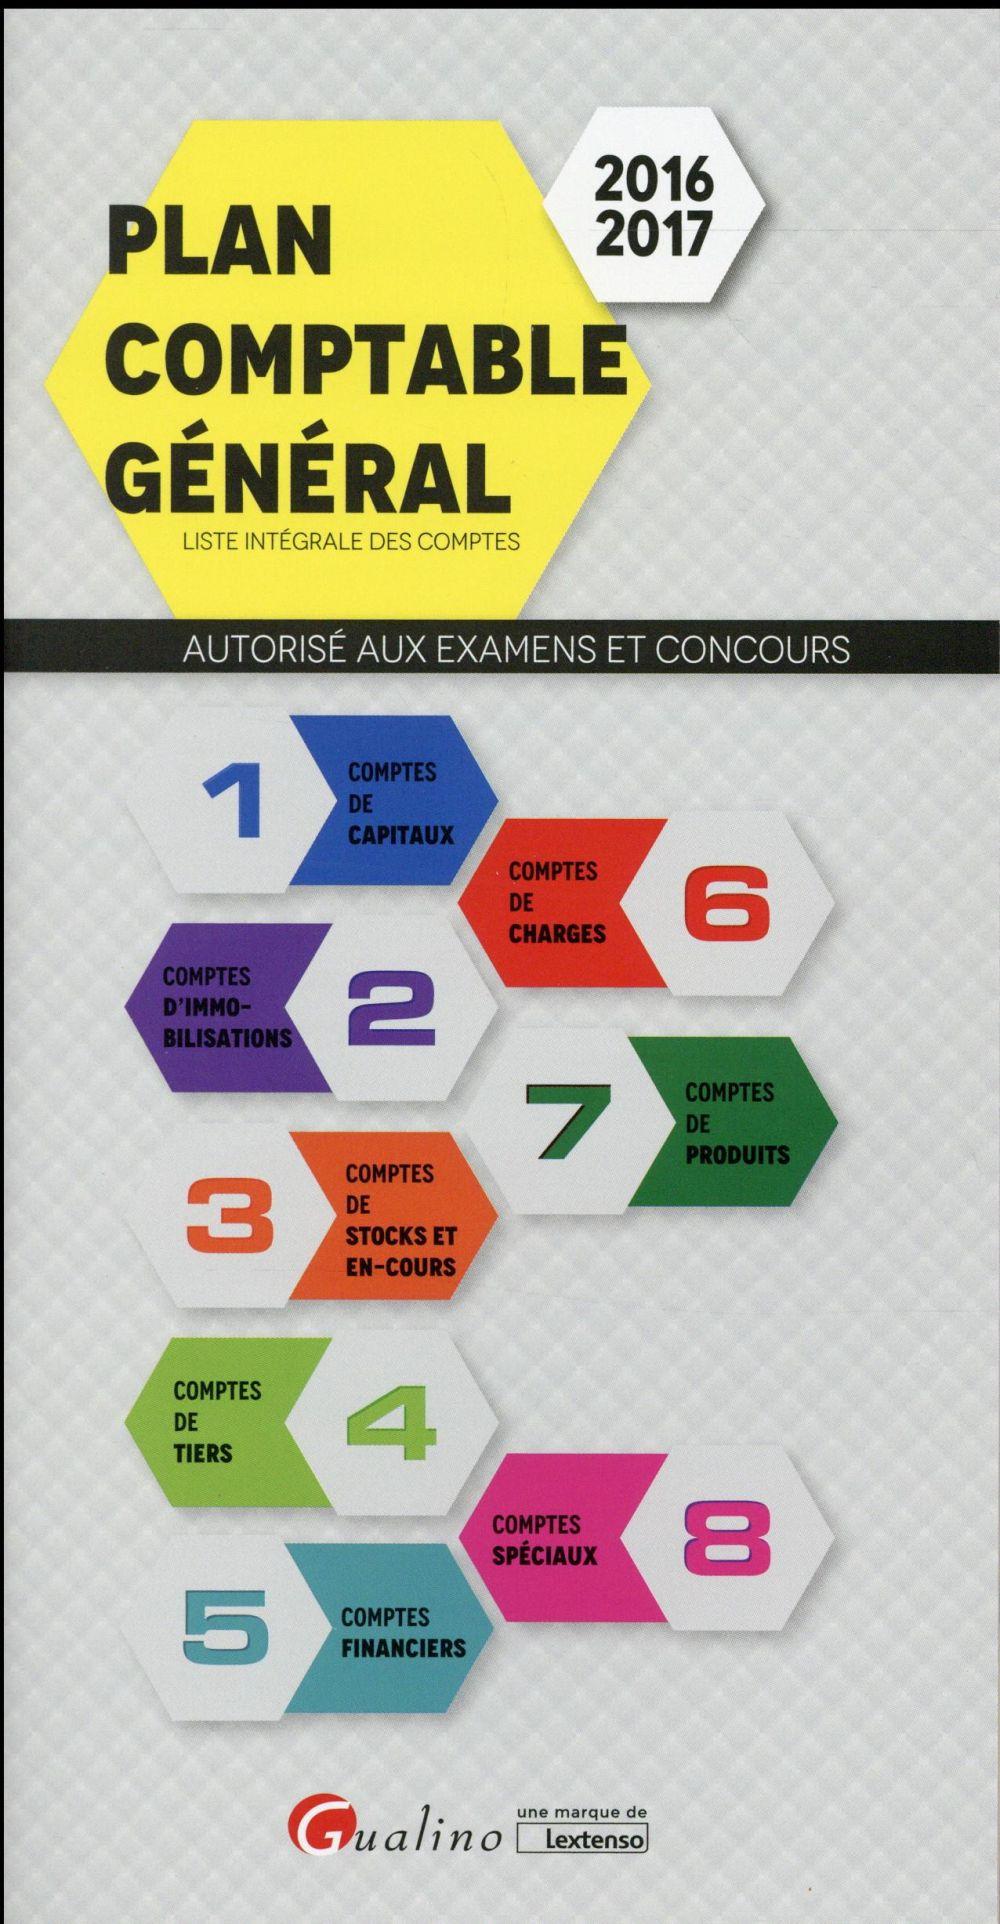 Plan comptable général 2016-2017